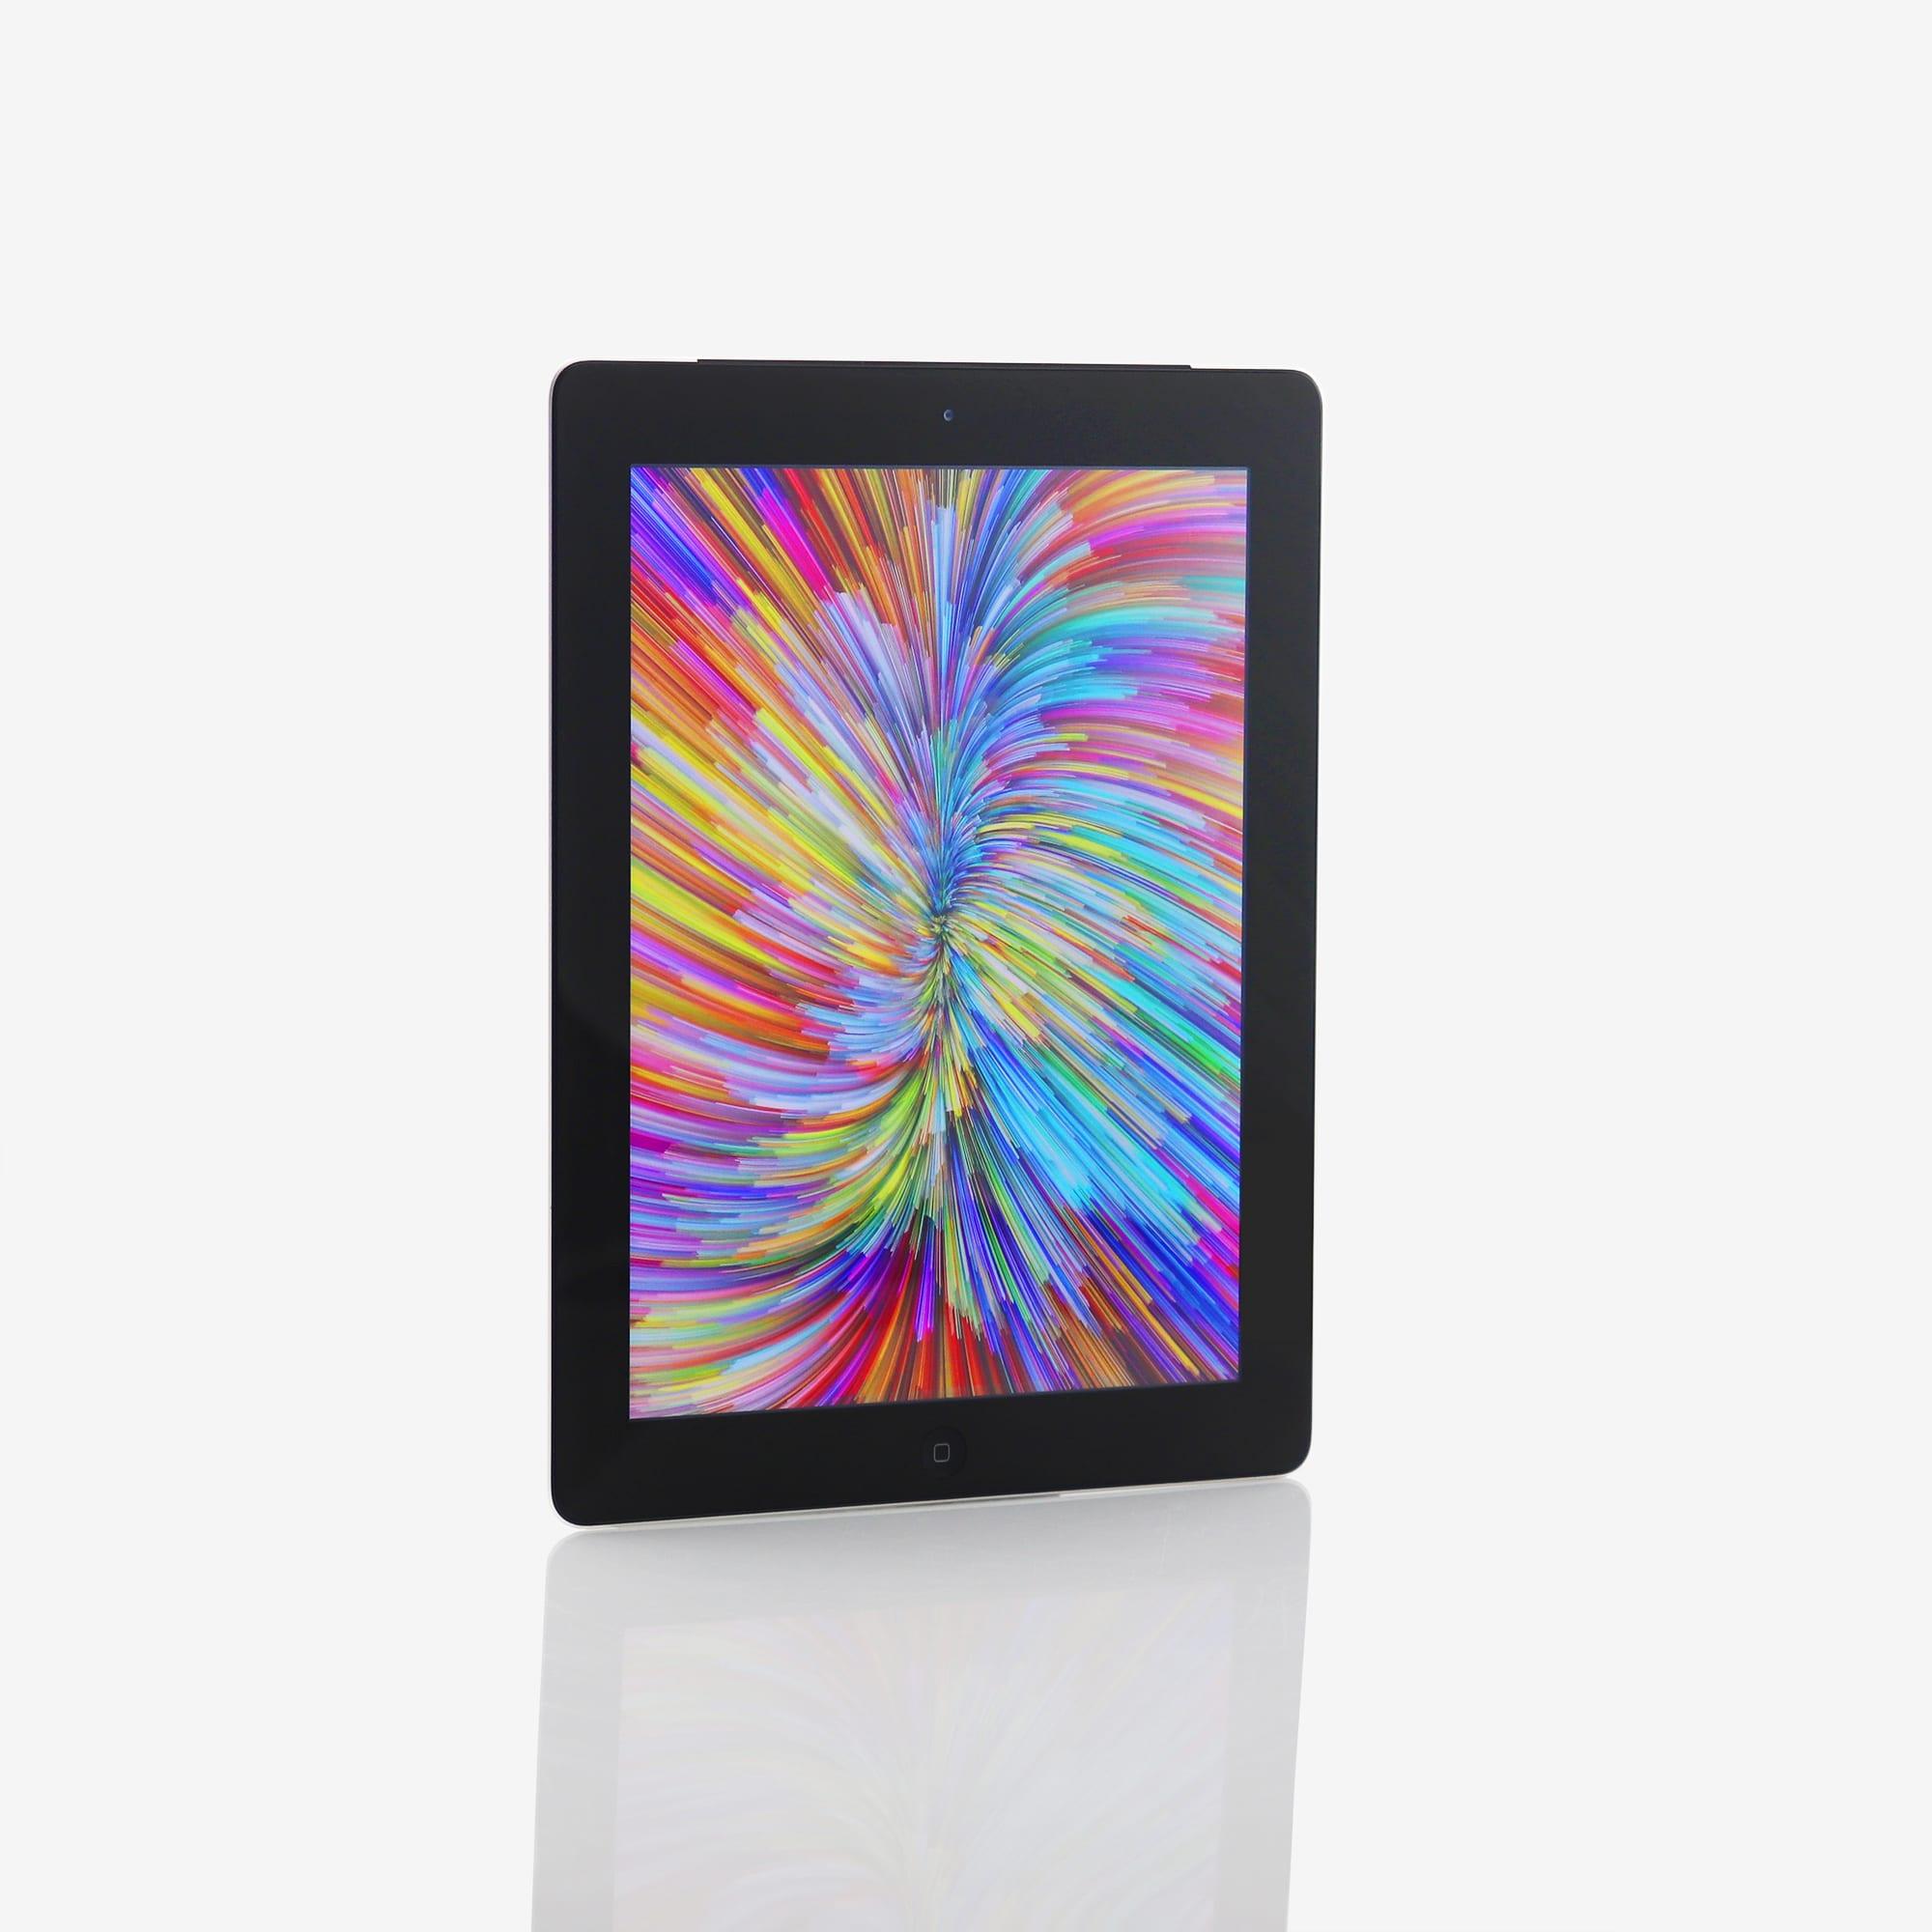 1 x iPad (4th generation) (Wi-Fi + Cellular) Black